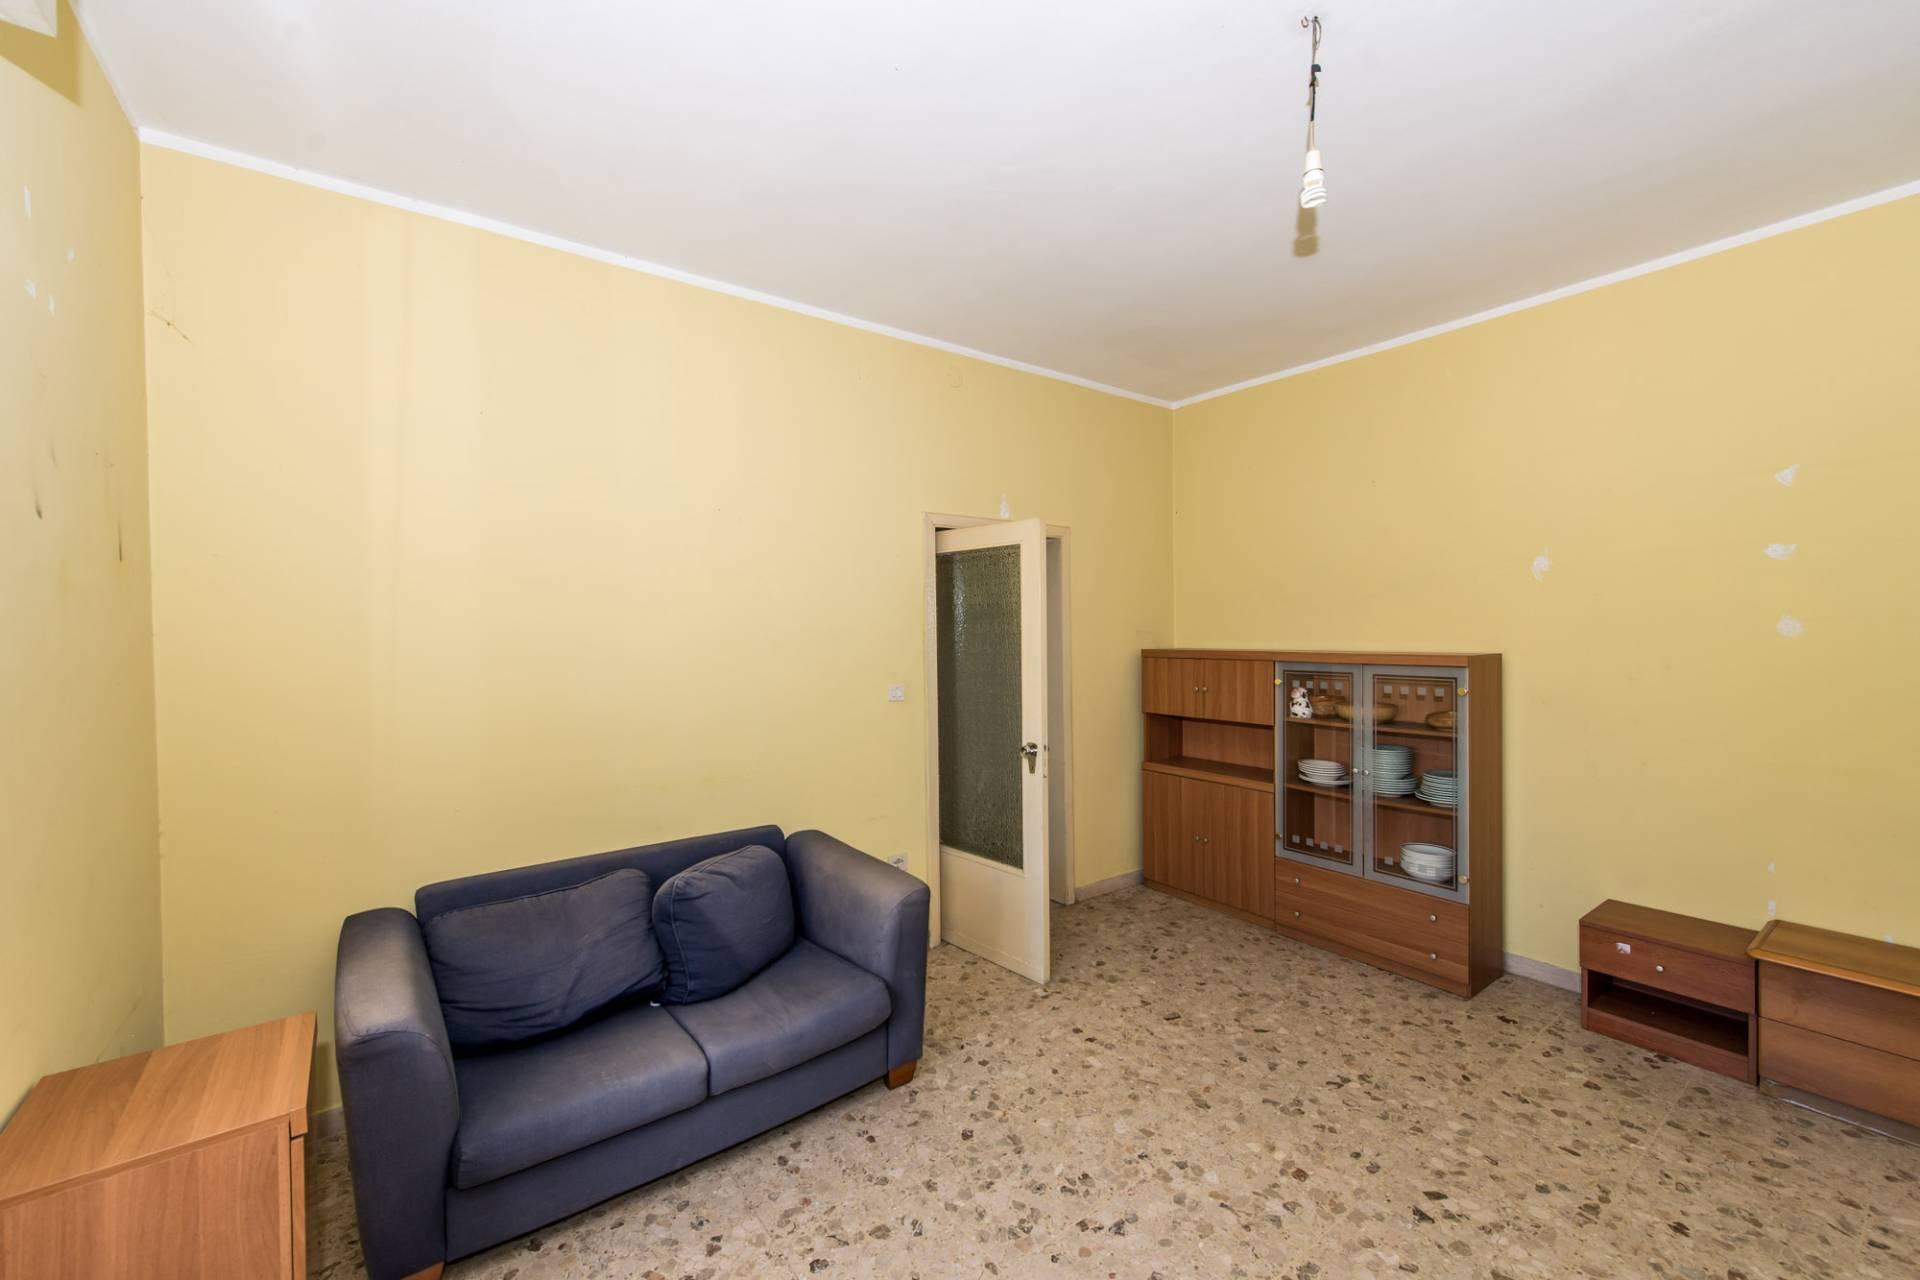 Appartamento in vendita a Ortona, 6 locali, prezzo € 152.000 | CambioCasa.it